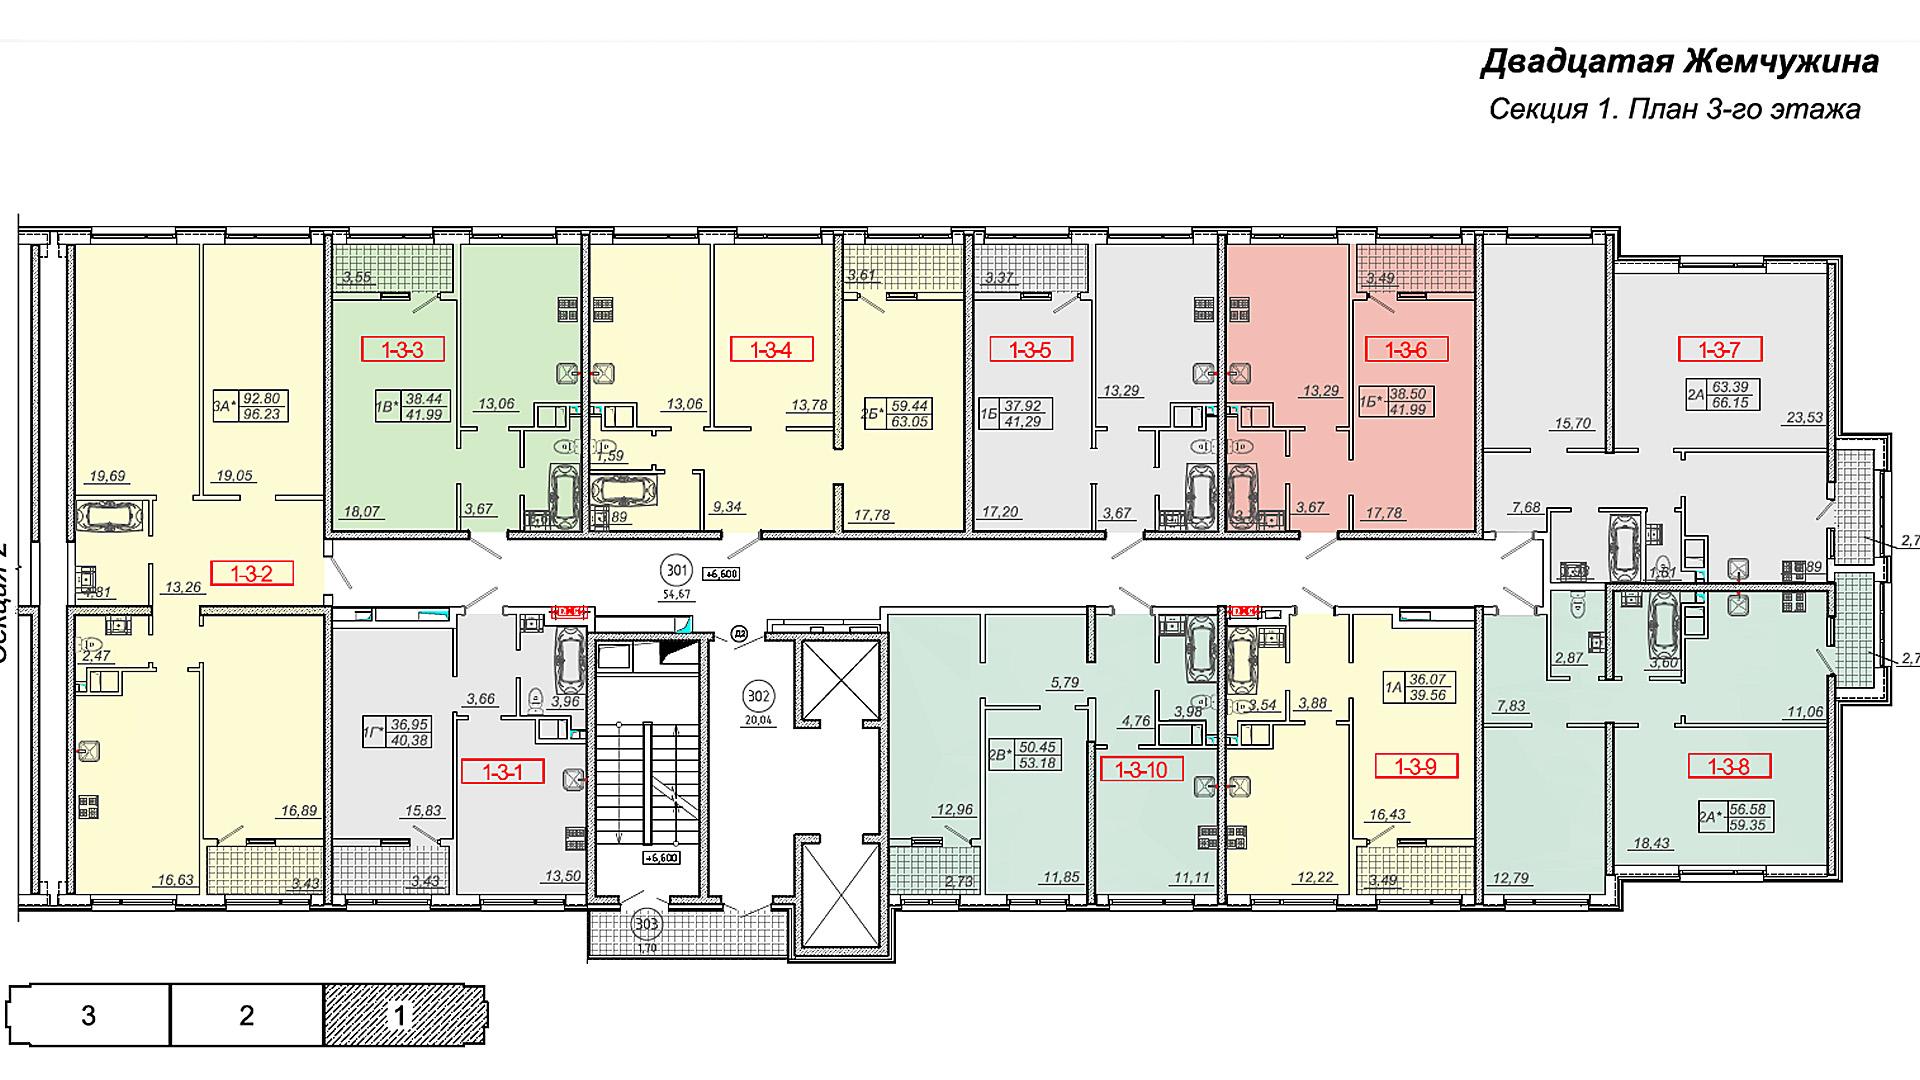 Кадорр, 20 Жемчужина, Планировка секция 1, этаж 3